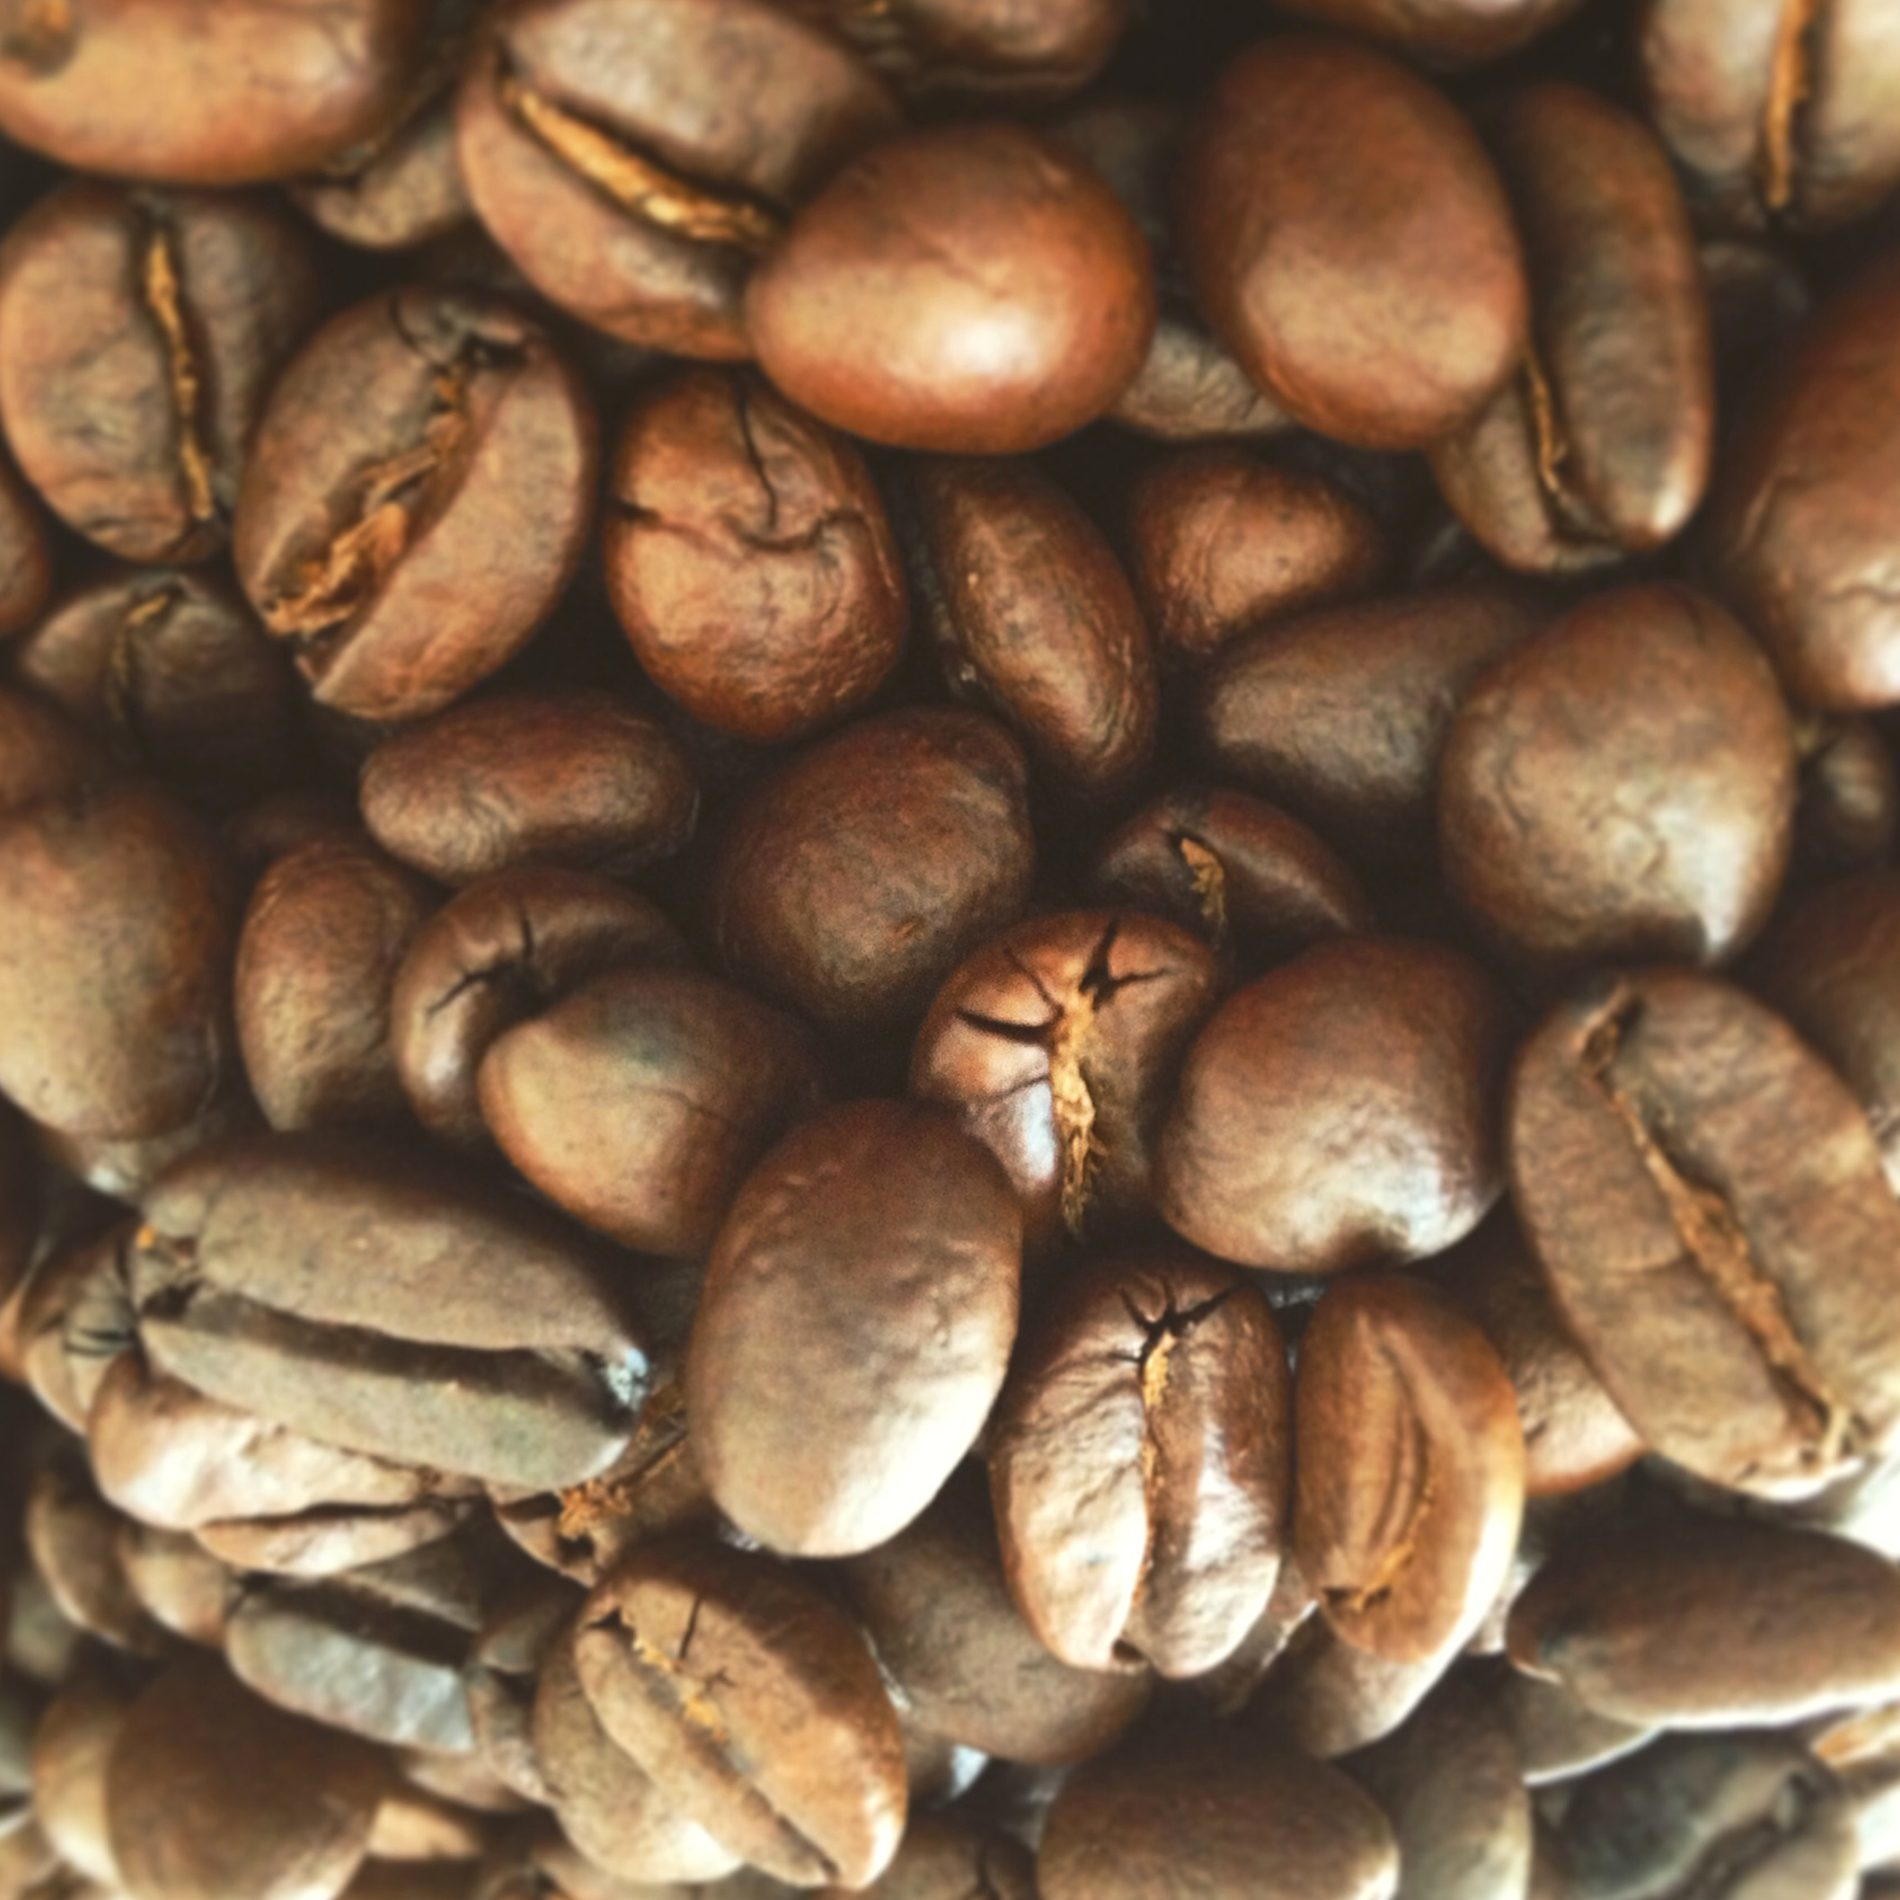 Kostenlose Bild: Kaffee, Essen, Koffein, Getränk, Espresso, Samen ...